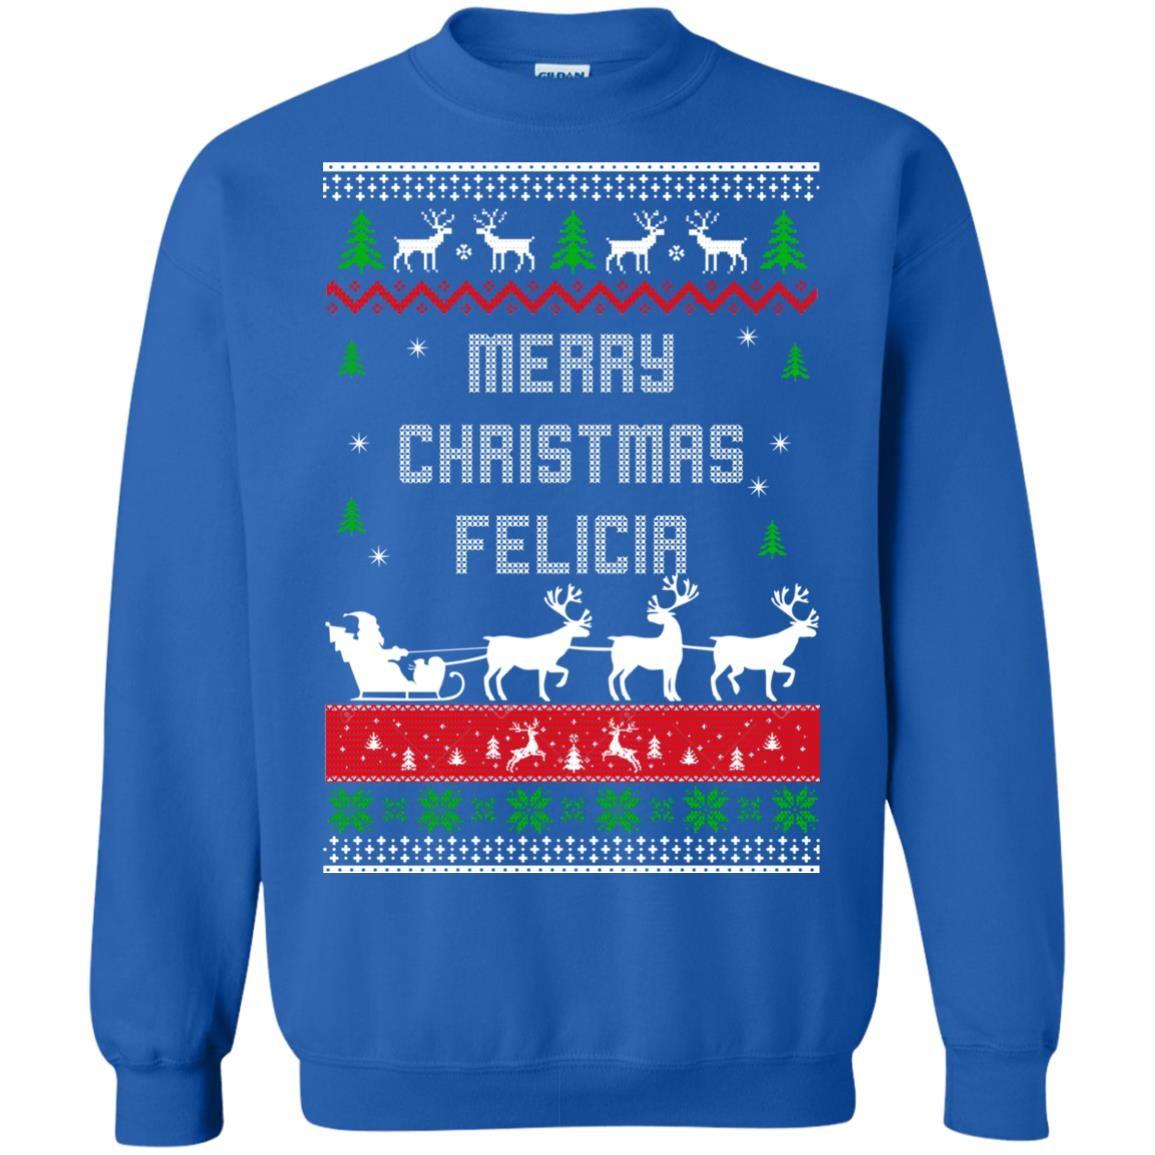 image 1679 - Raxo Merry Christmas Felicia ugly sweater, hoodie